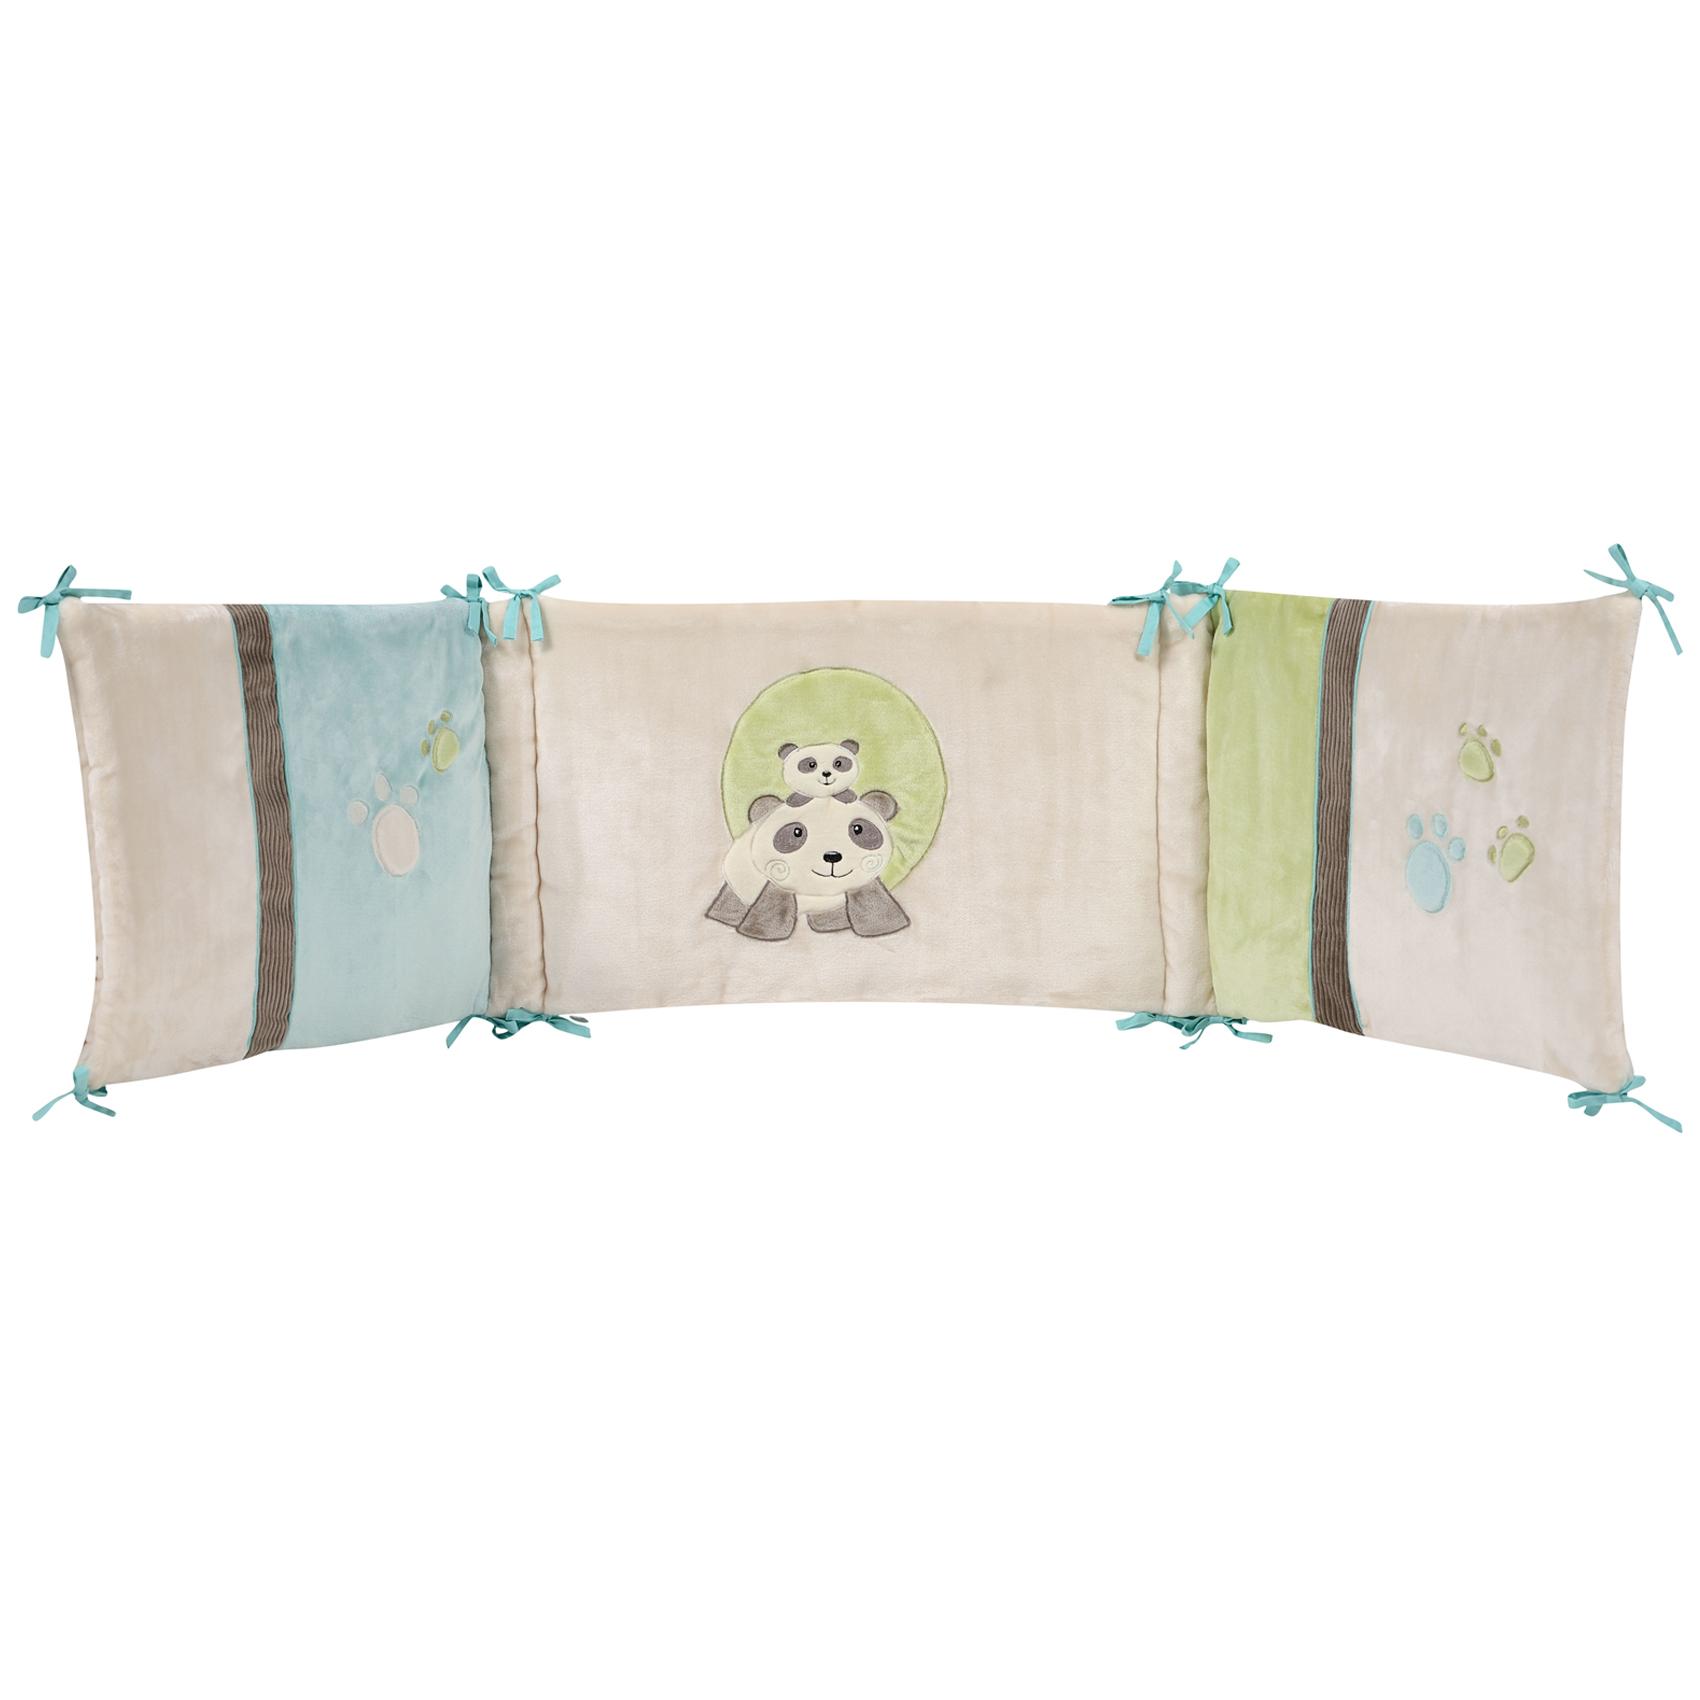 Tour de lit bébé Pandi Panda velours Multicolore 40x180